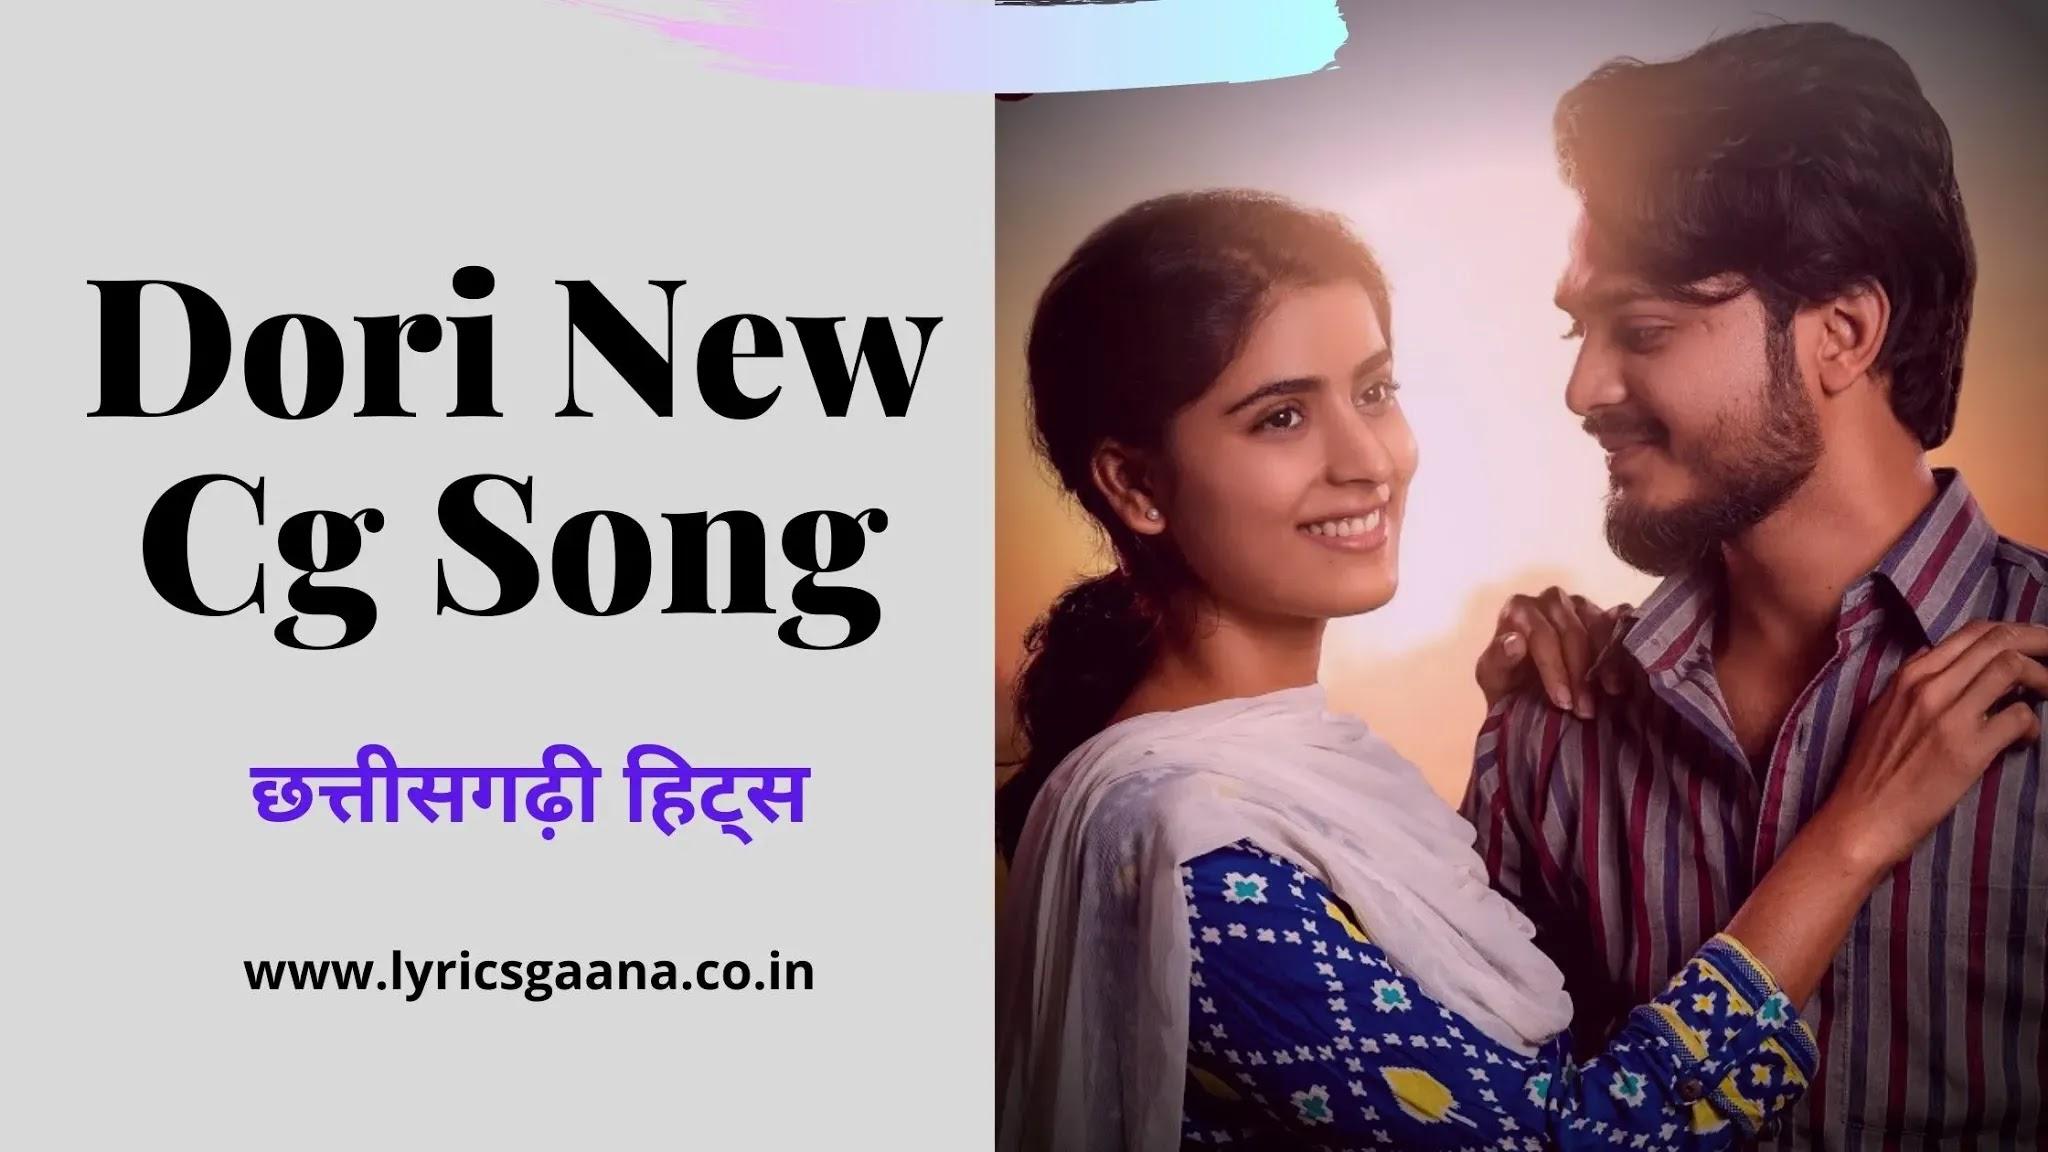 डोरी Dori New Cg Song Lyrics | Chhattisgarhi Gana 2020